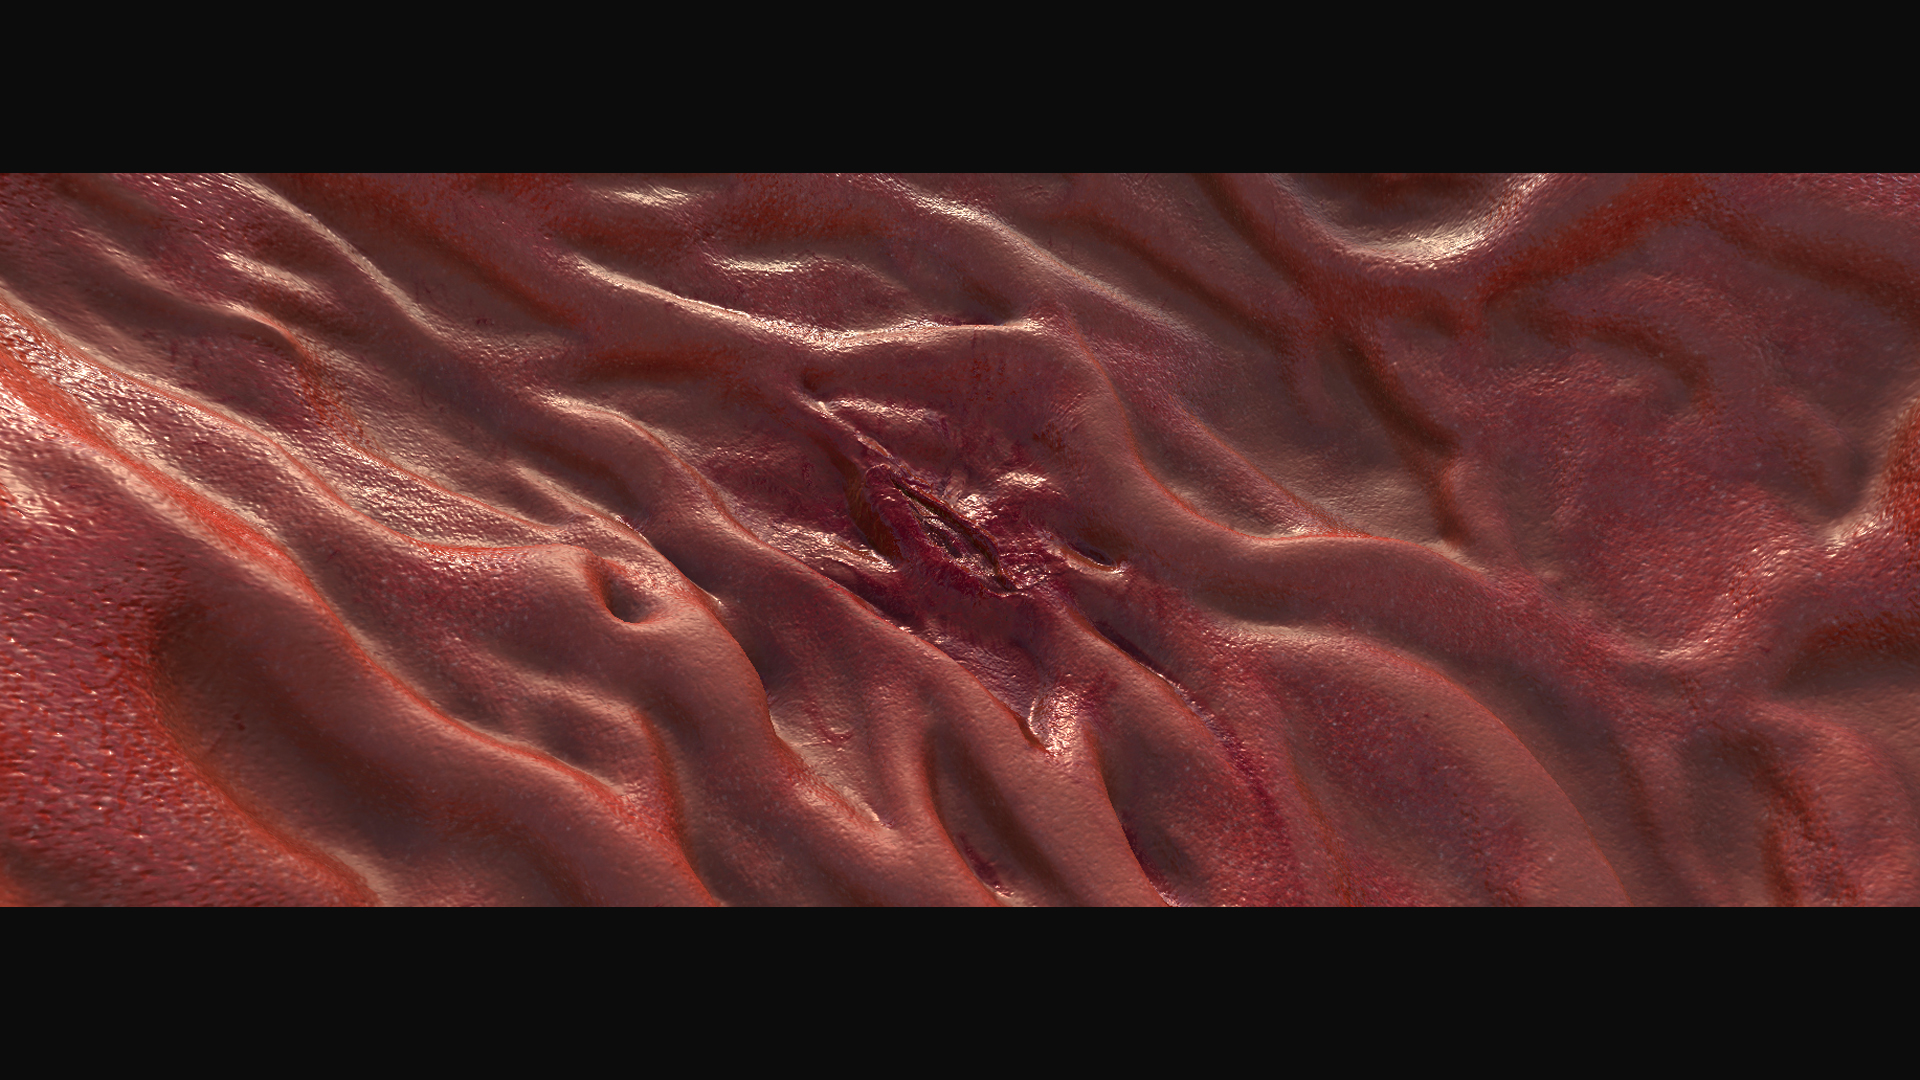 Mediglobe Gewebe modeling, Texturierung und Animation für einen Werbefilm